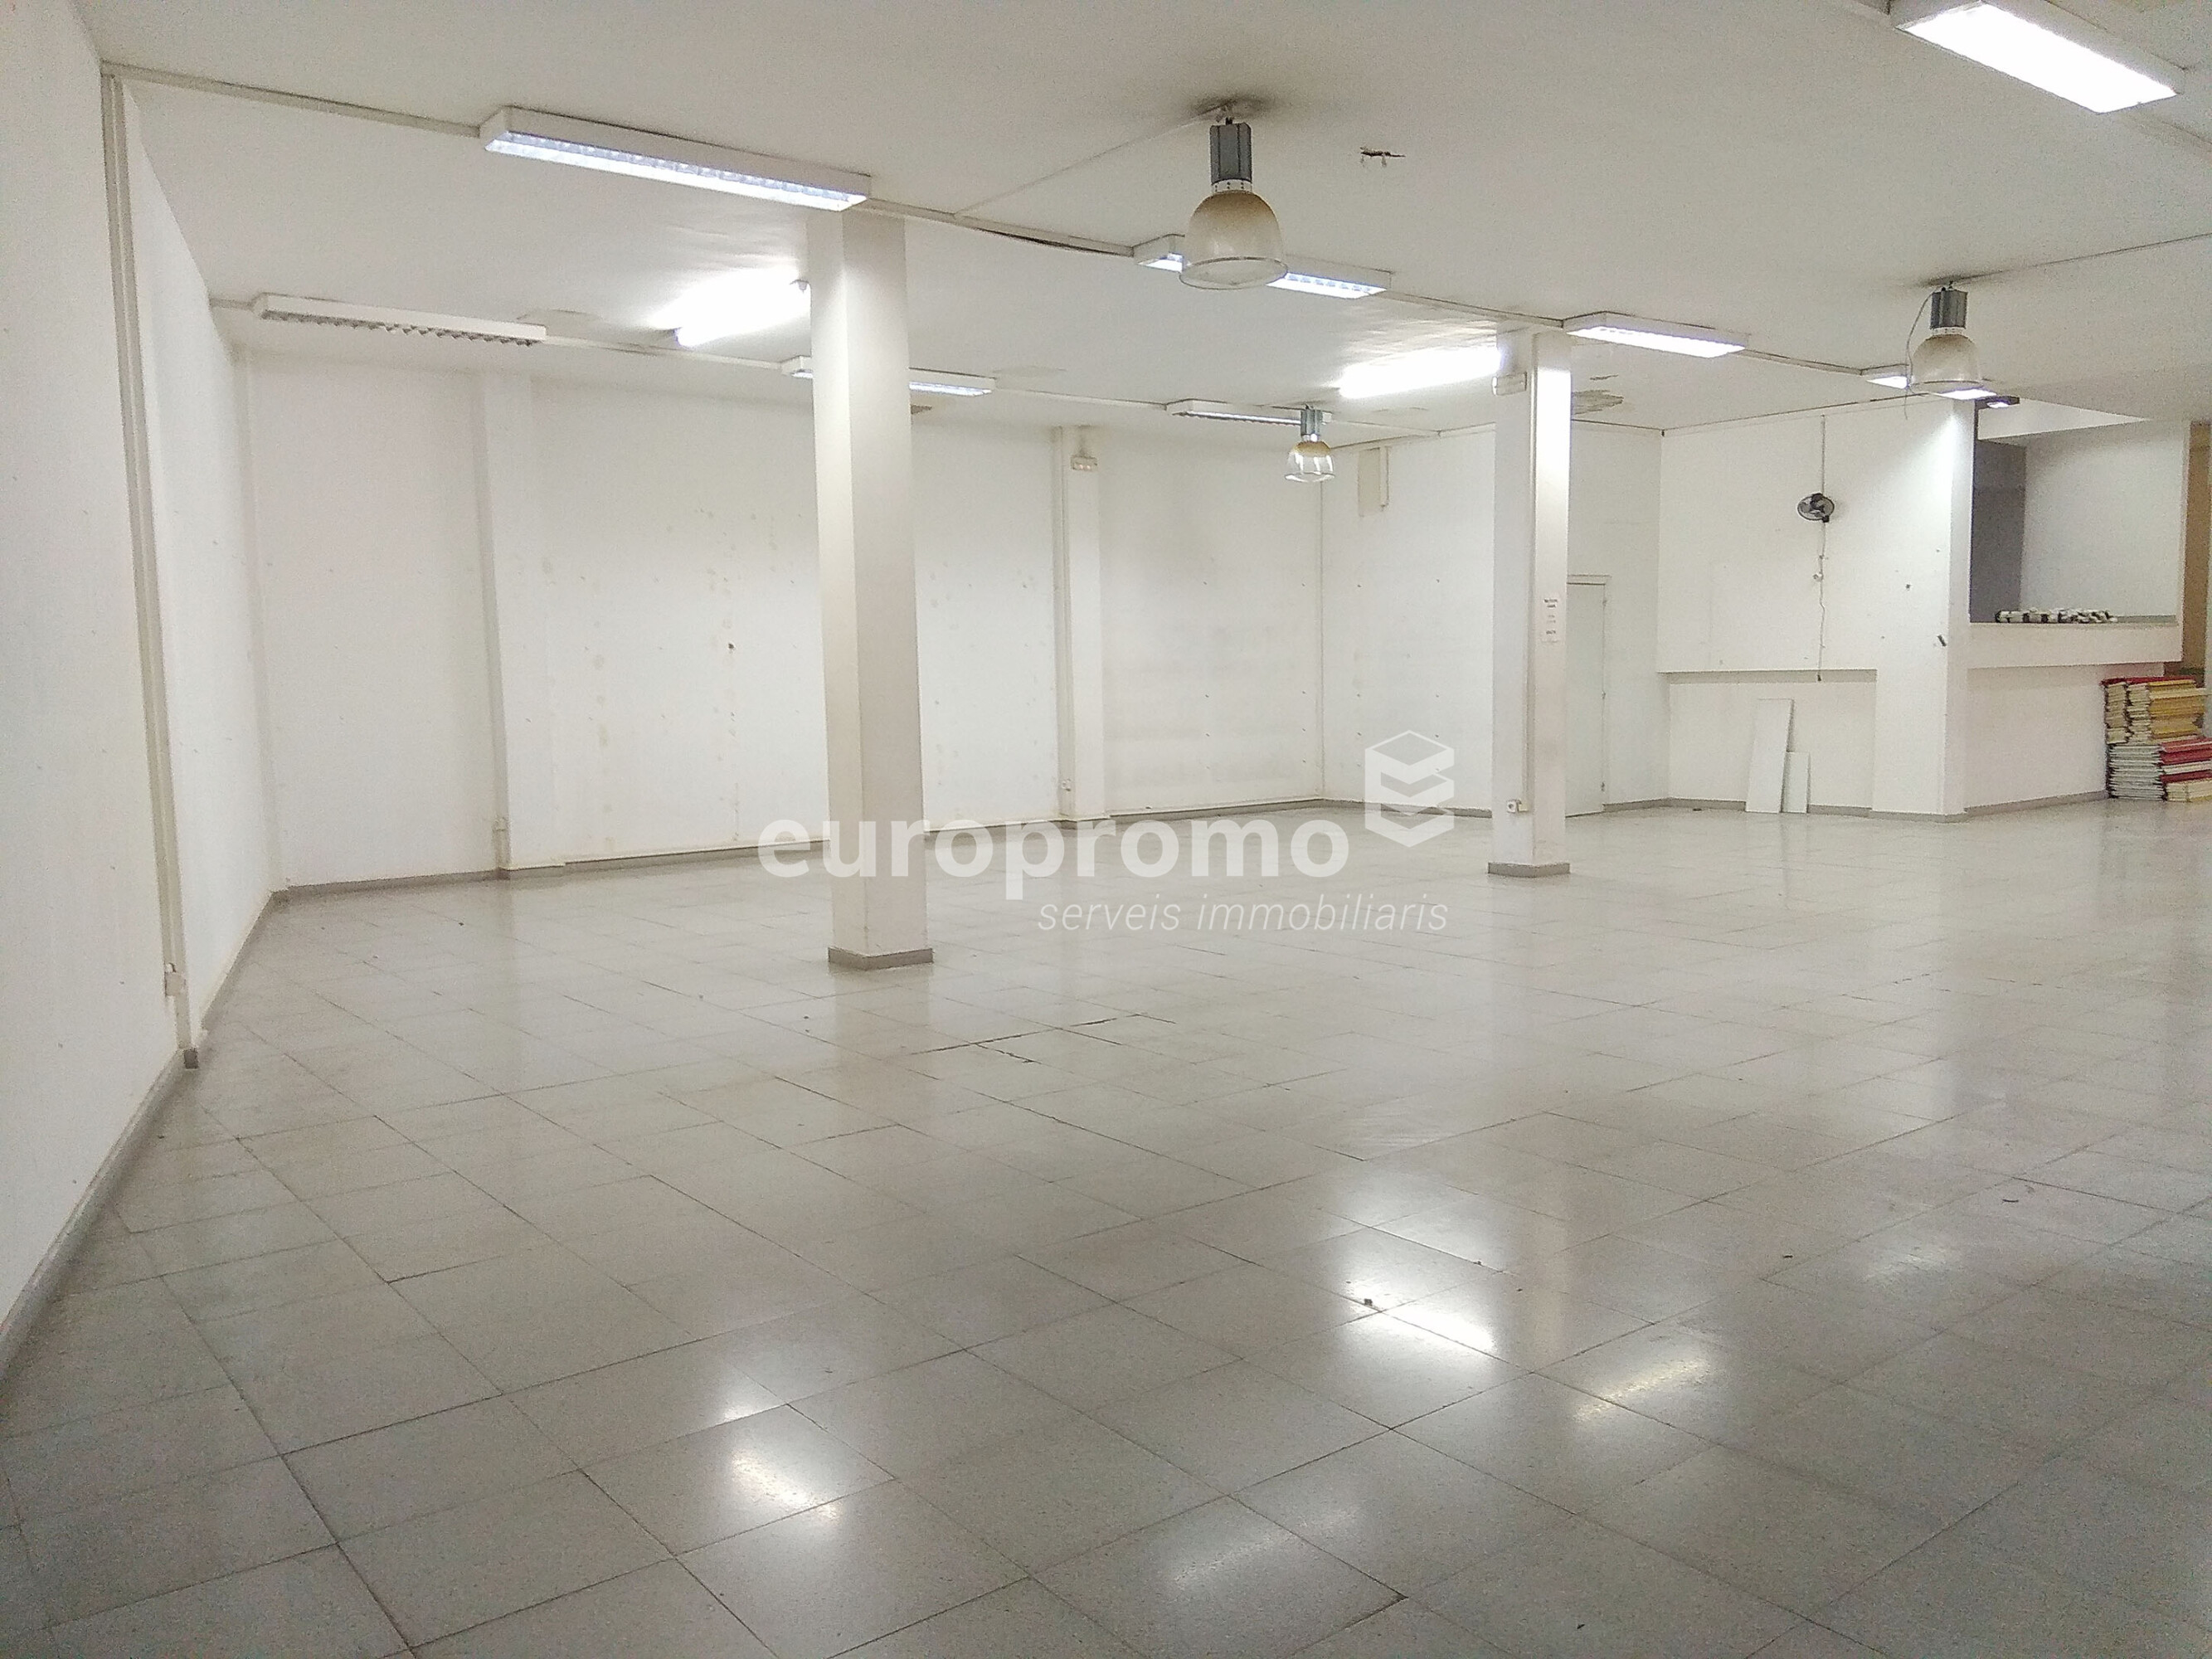 Local comercial de 440 m² al centre de Girona!